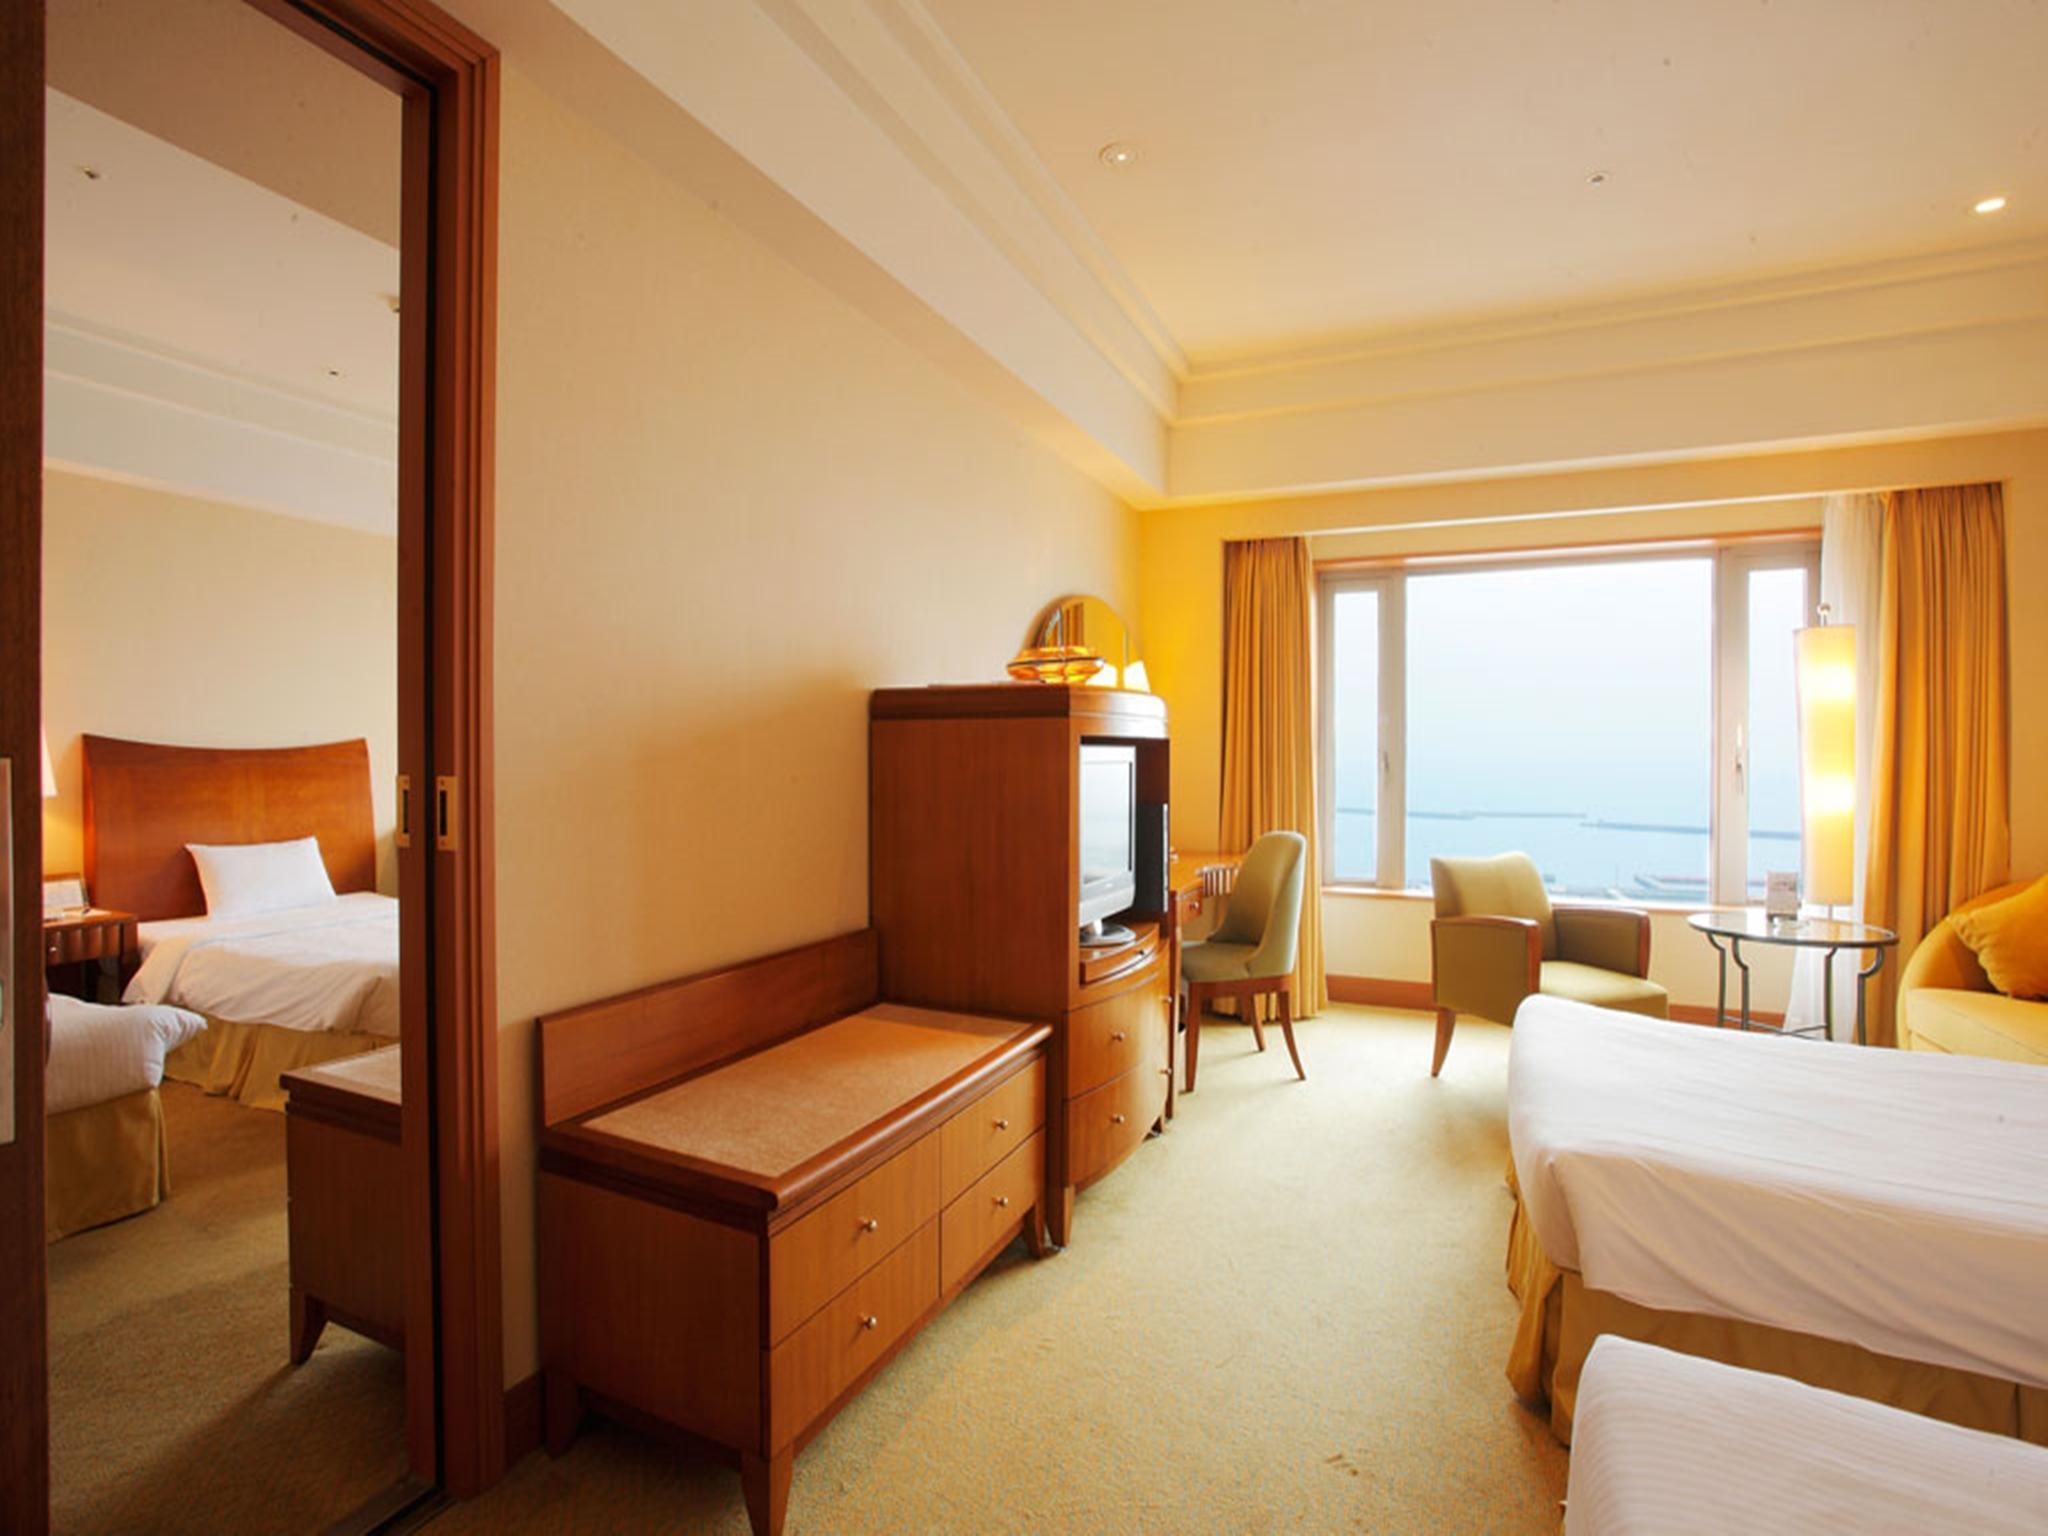 Connecting Rooms Davanzati Hotel: Best Price On Grand Park Otaru Hotel In Otaru + Reviews